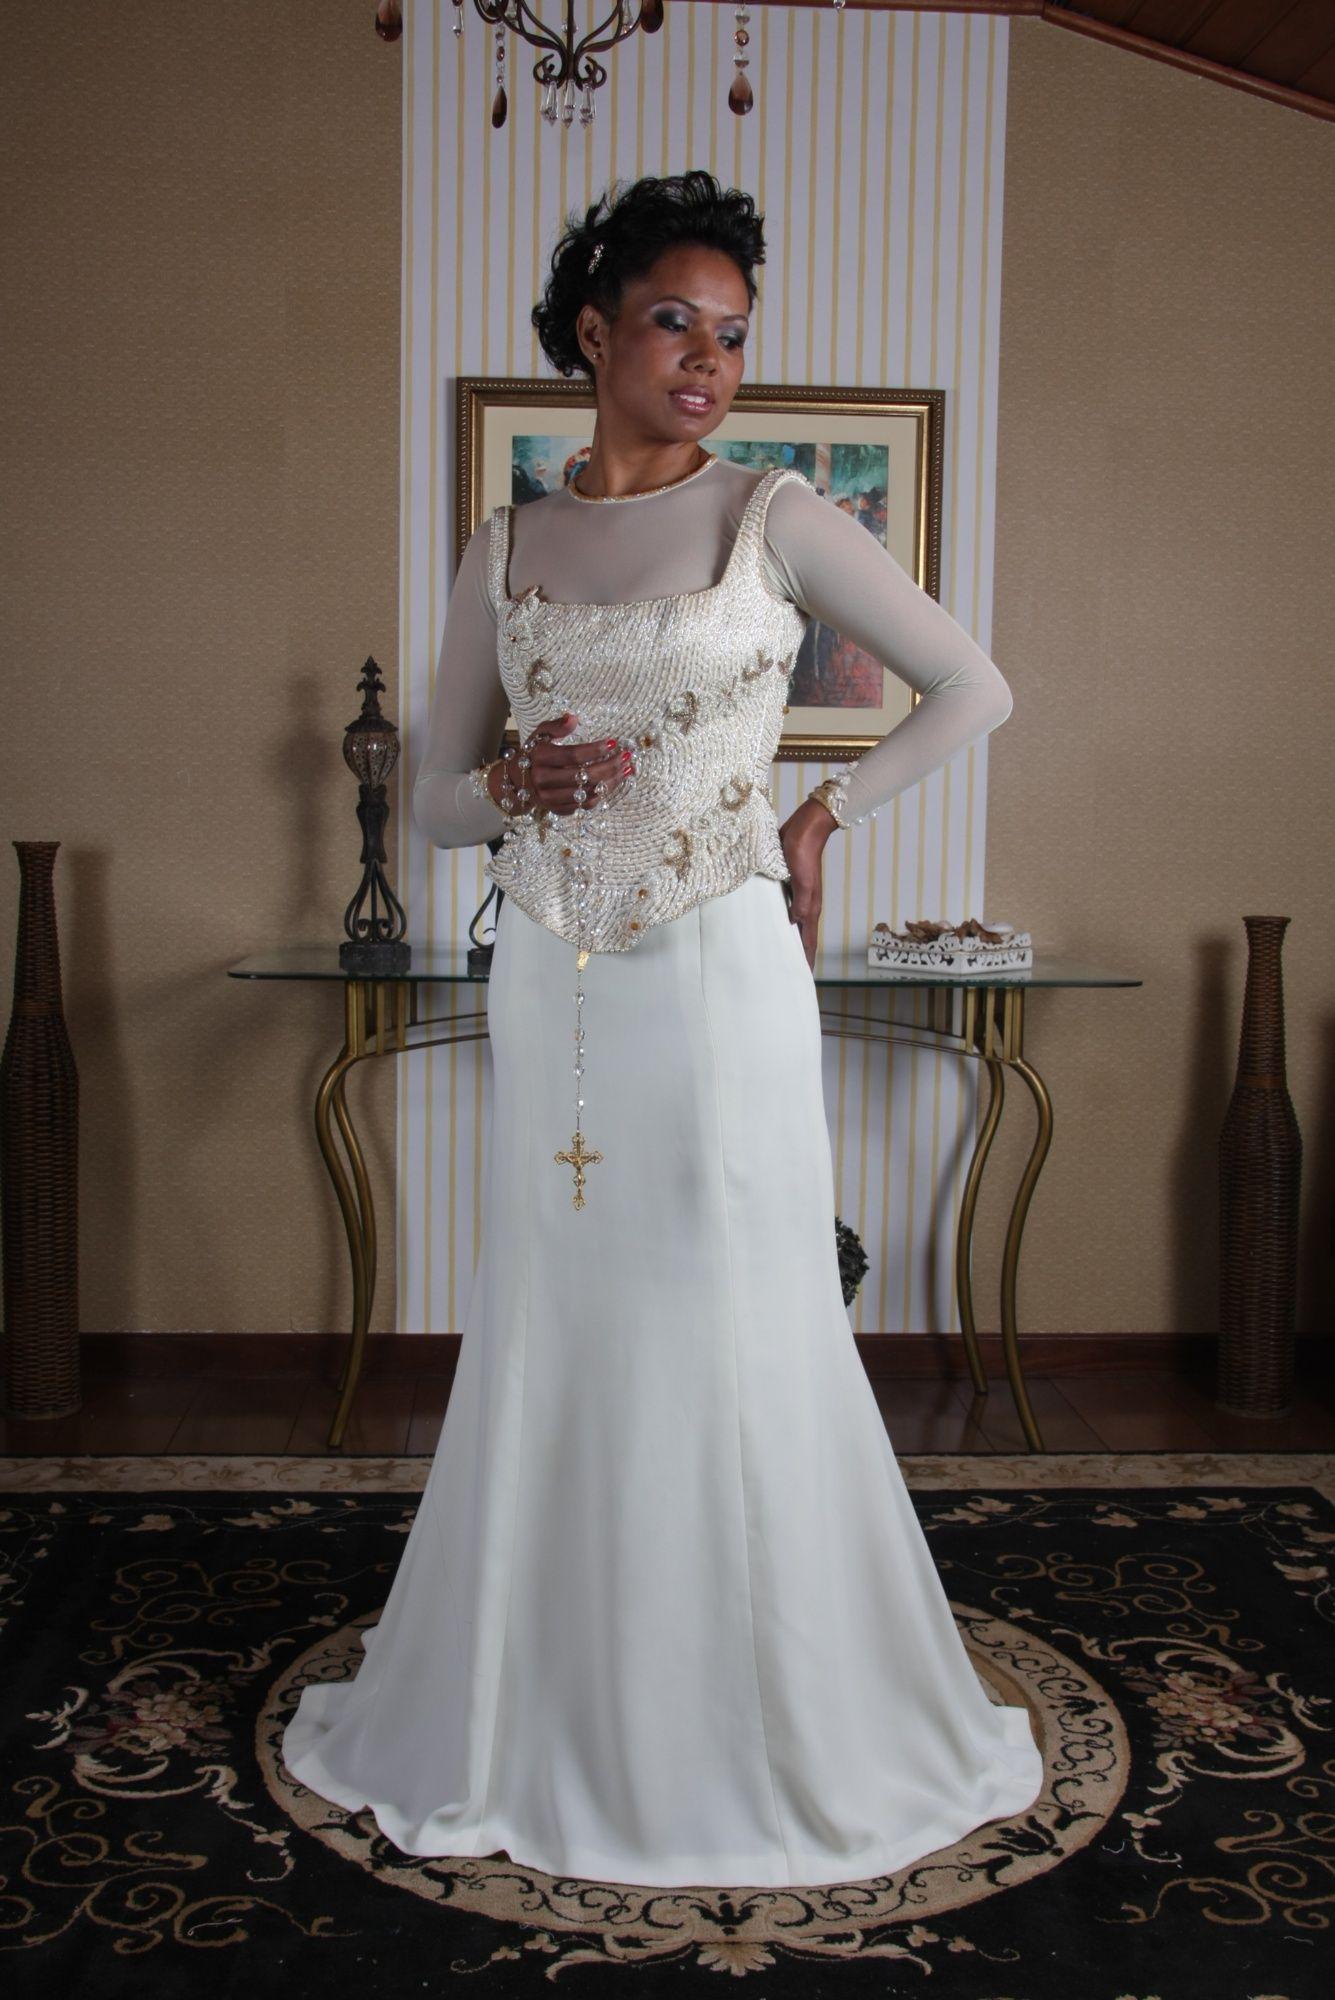 Vestido de Noiva Princesa - 2 - Hipnose Alta Costura e Spa para Noivas e Noivos - Campinas - SP Vestido de Noiva, Vestido de Noiva Princesa, Hipnose Alta Costura